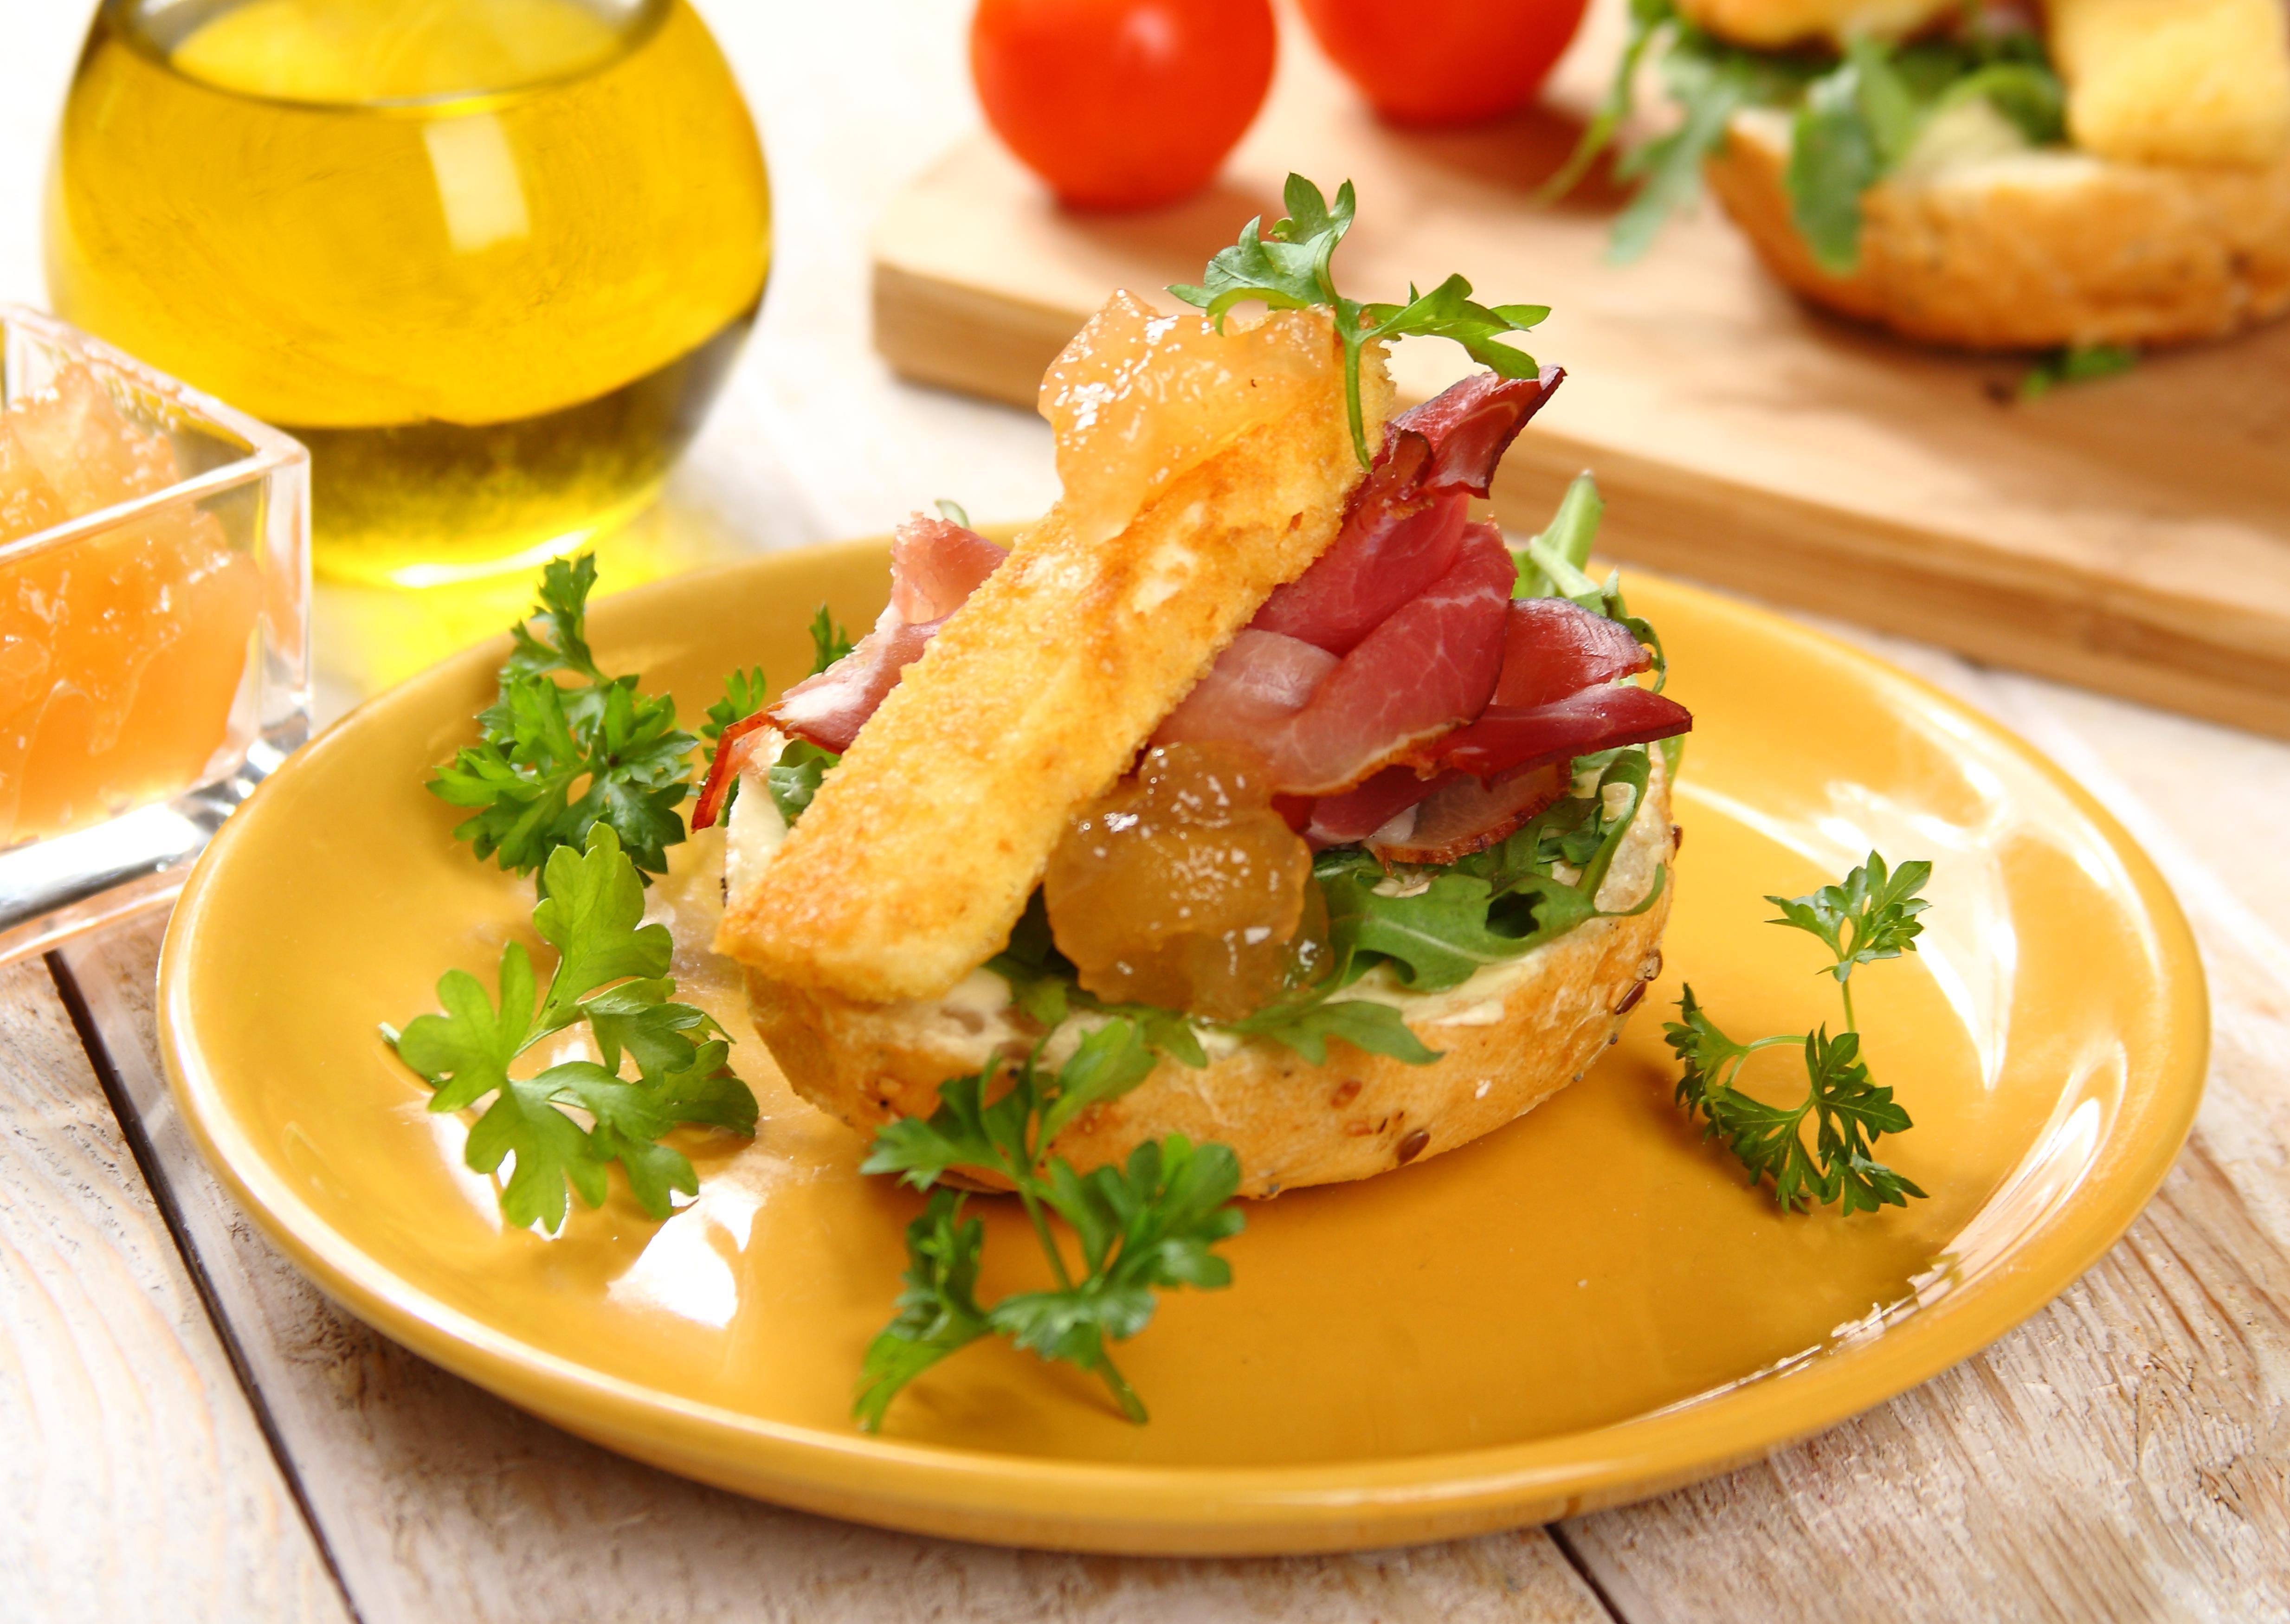 kanapki-z-szynka-schwarzwald-i-smazonym-serem-plesniowym